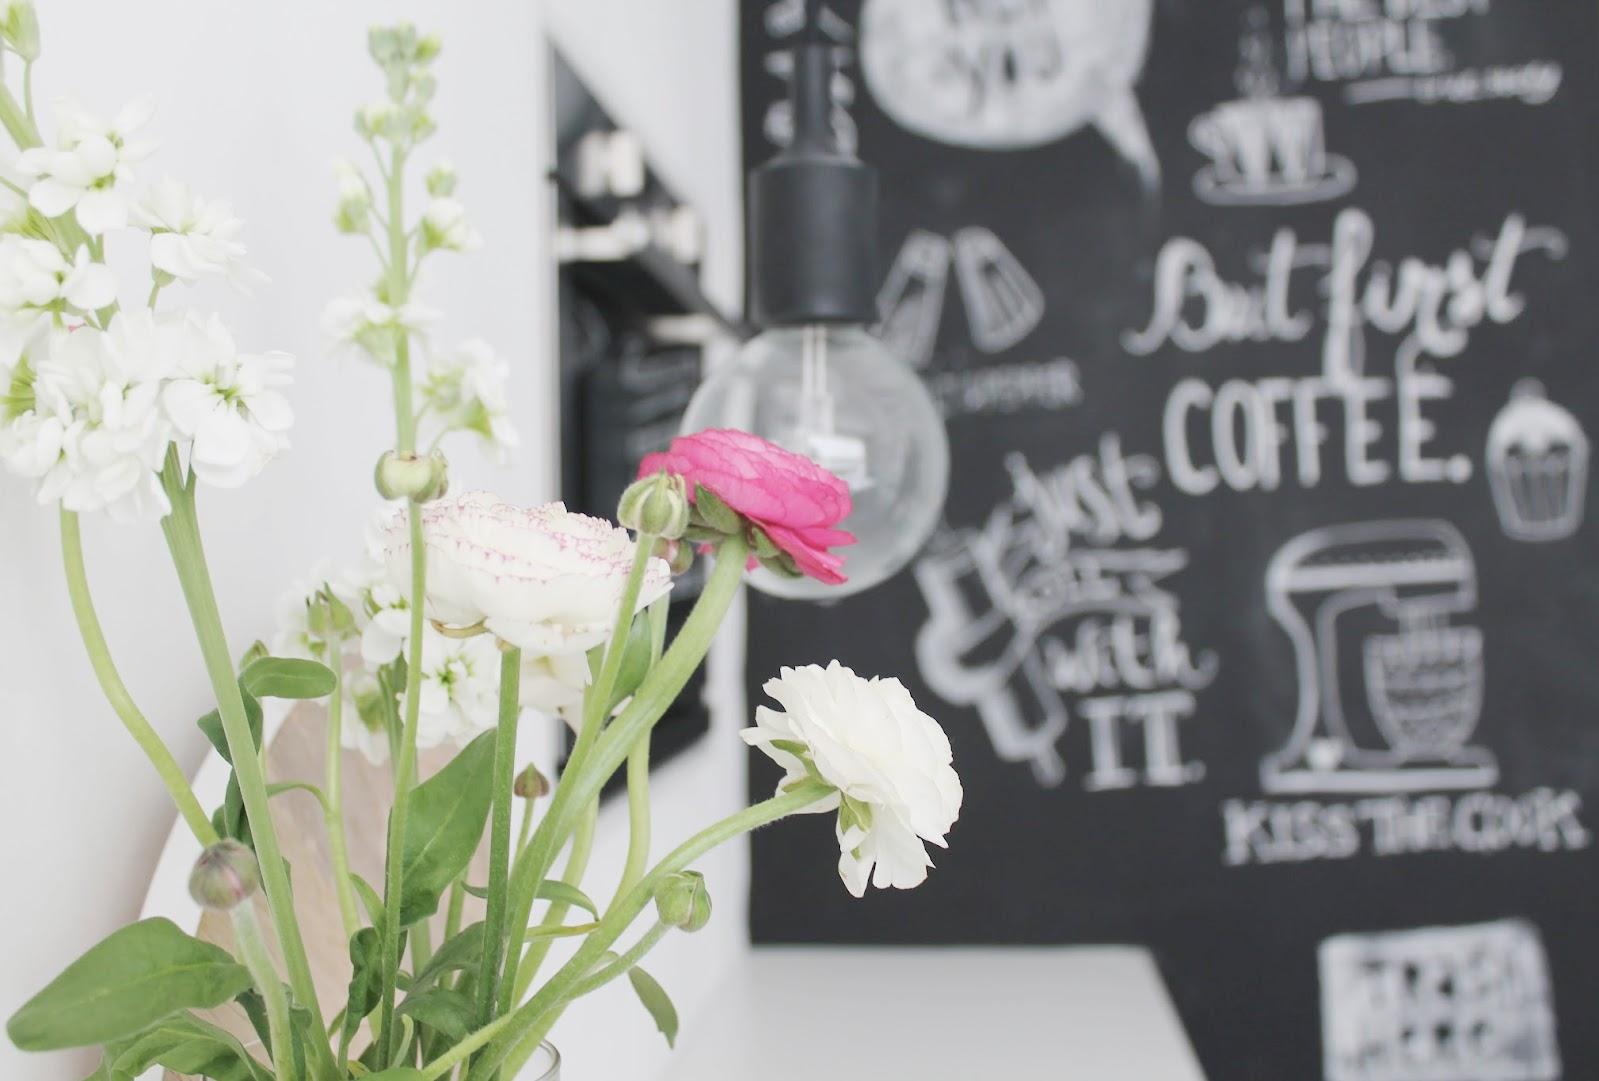 Missjettle : kijkje in de keuken